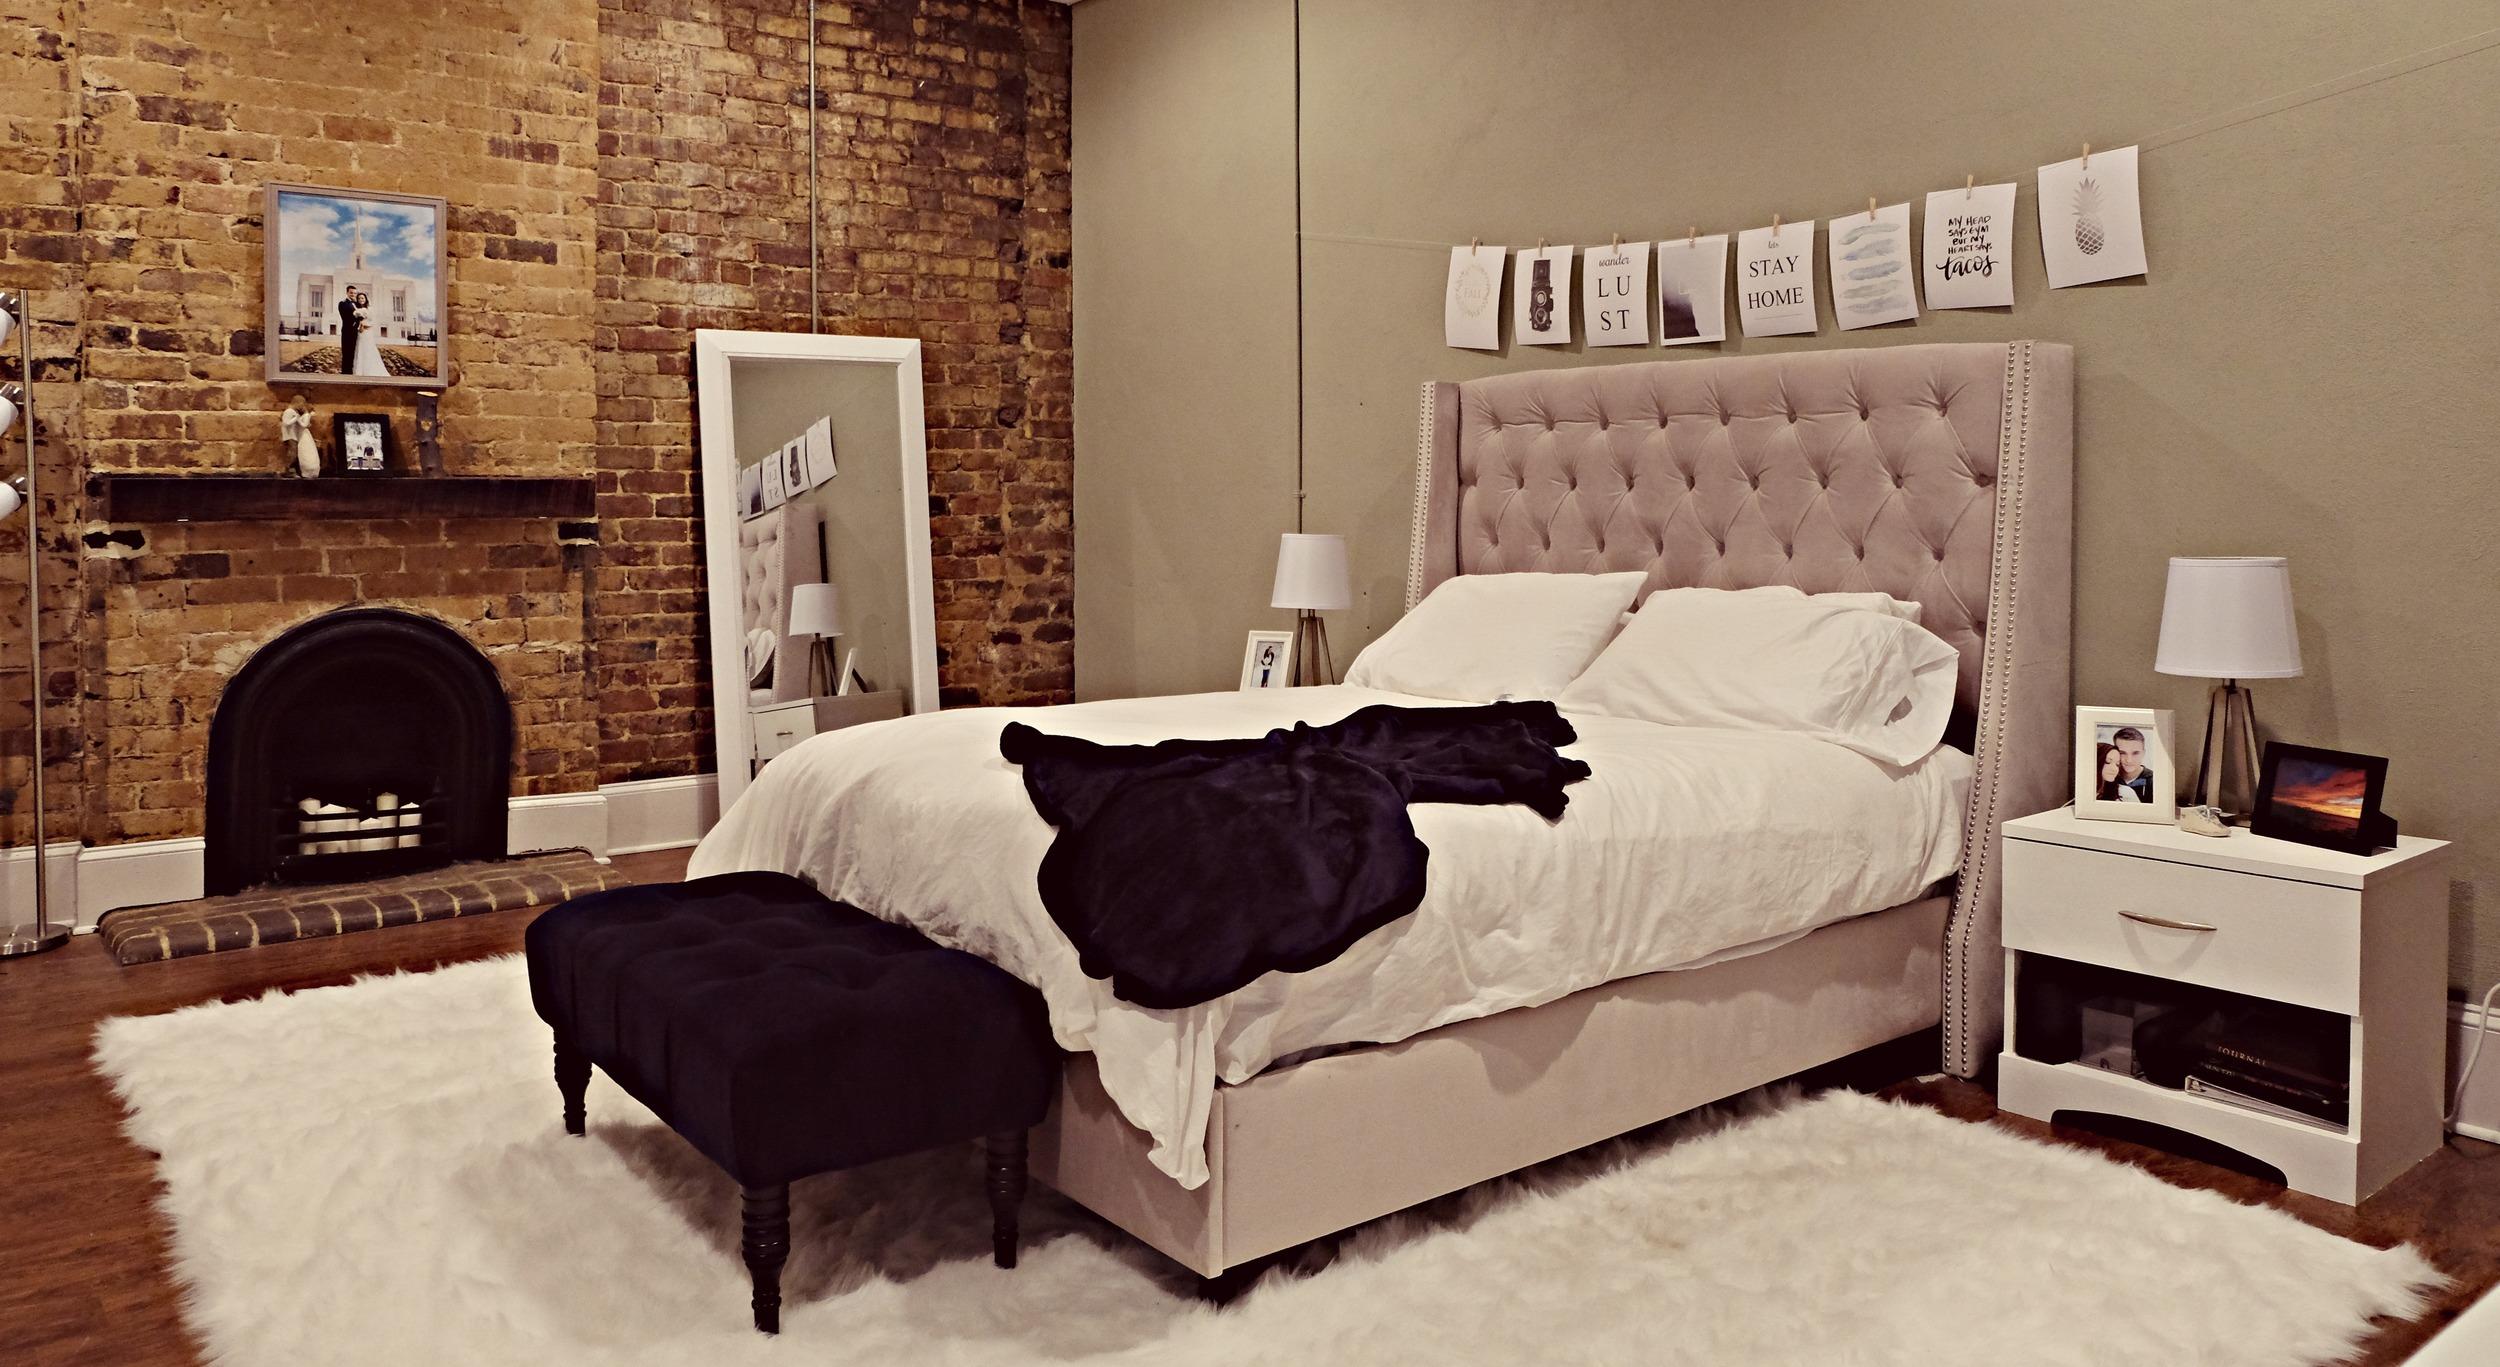 Bed -- Wayfair Bench -- Target Mirror -- HomeGoods